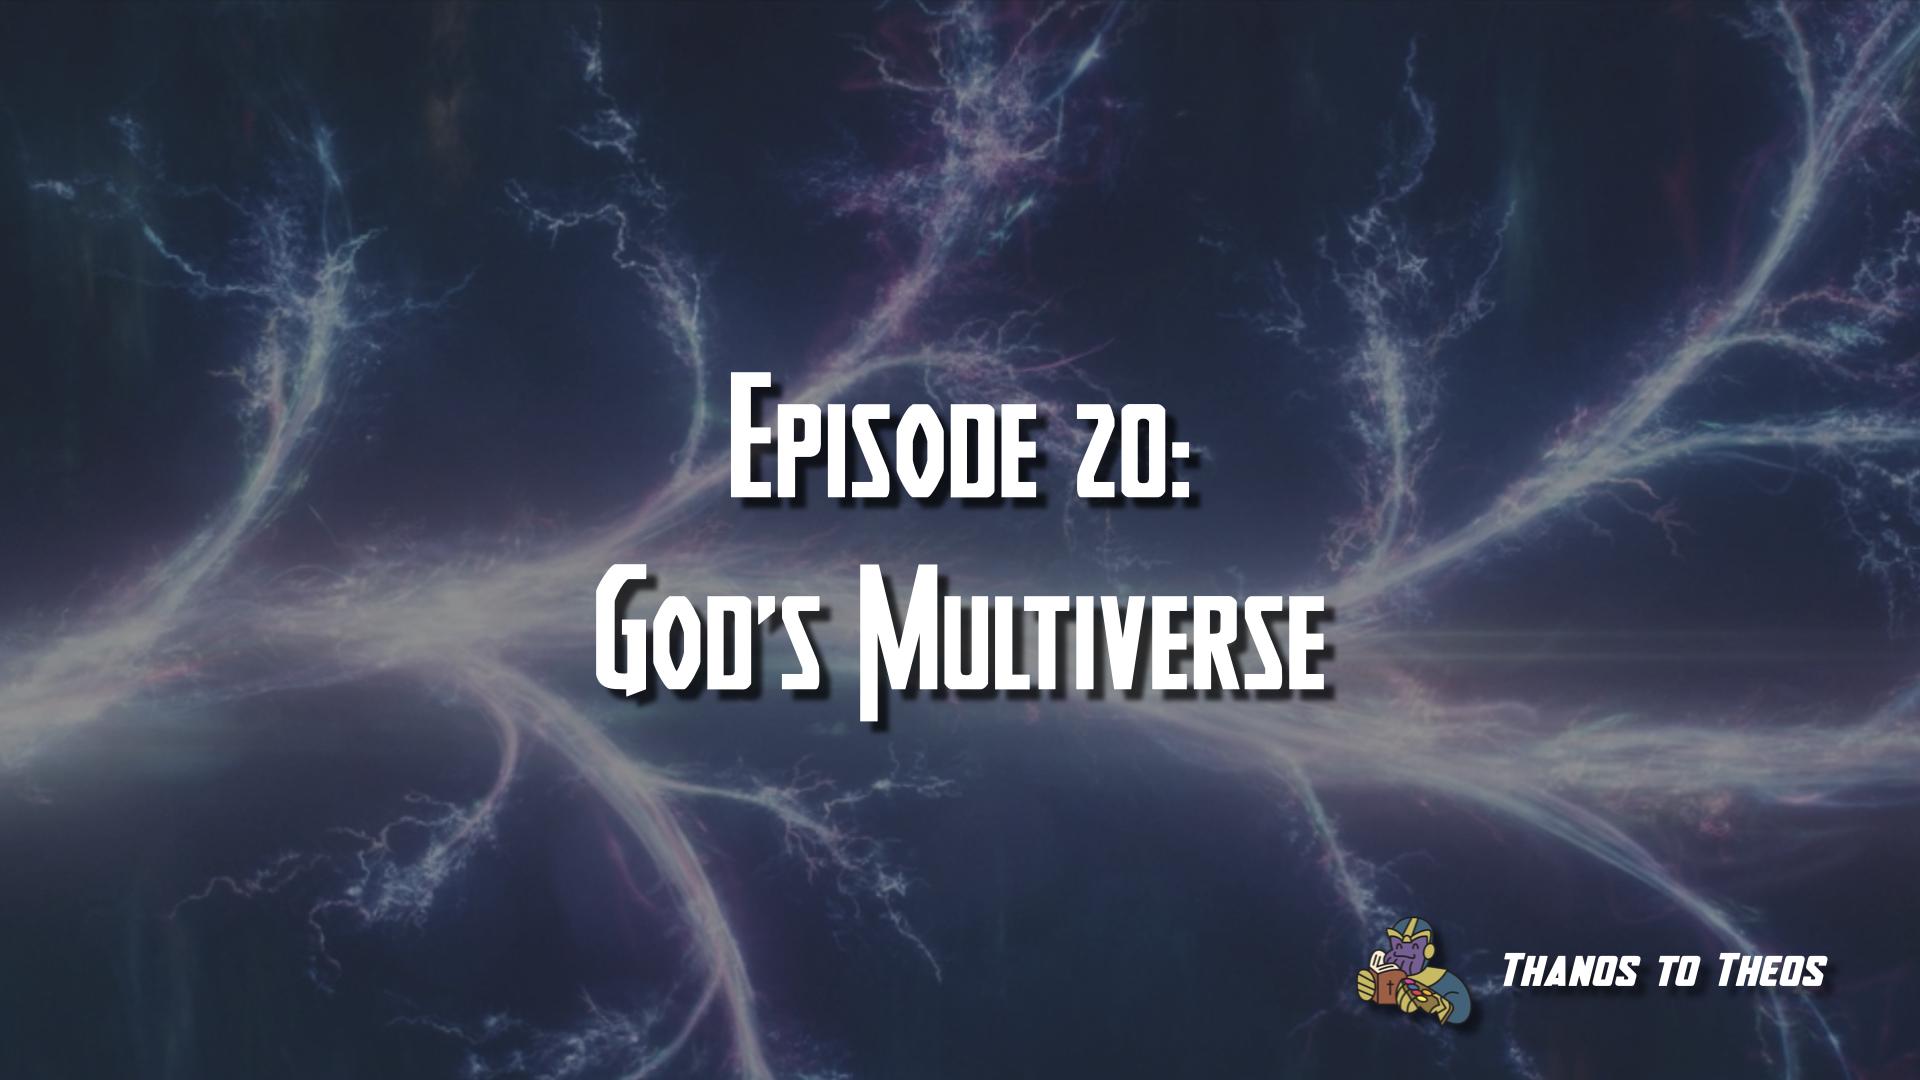 Episode 20: God's Multiverse